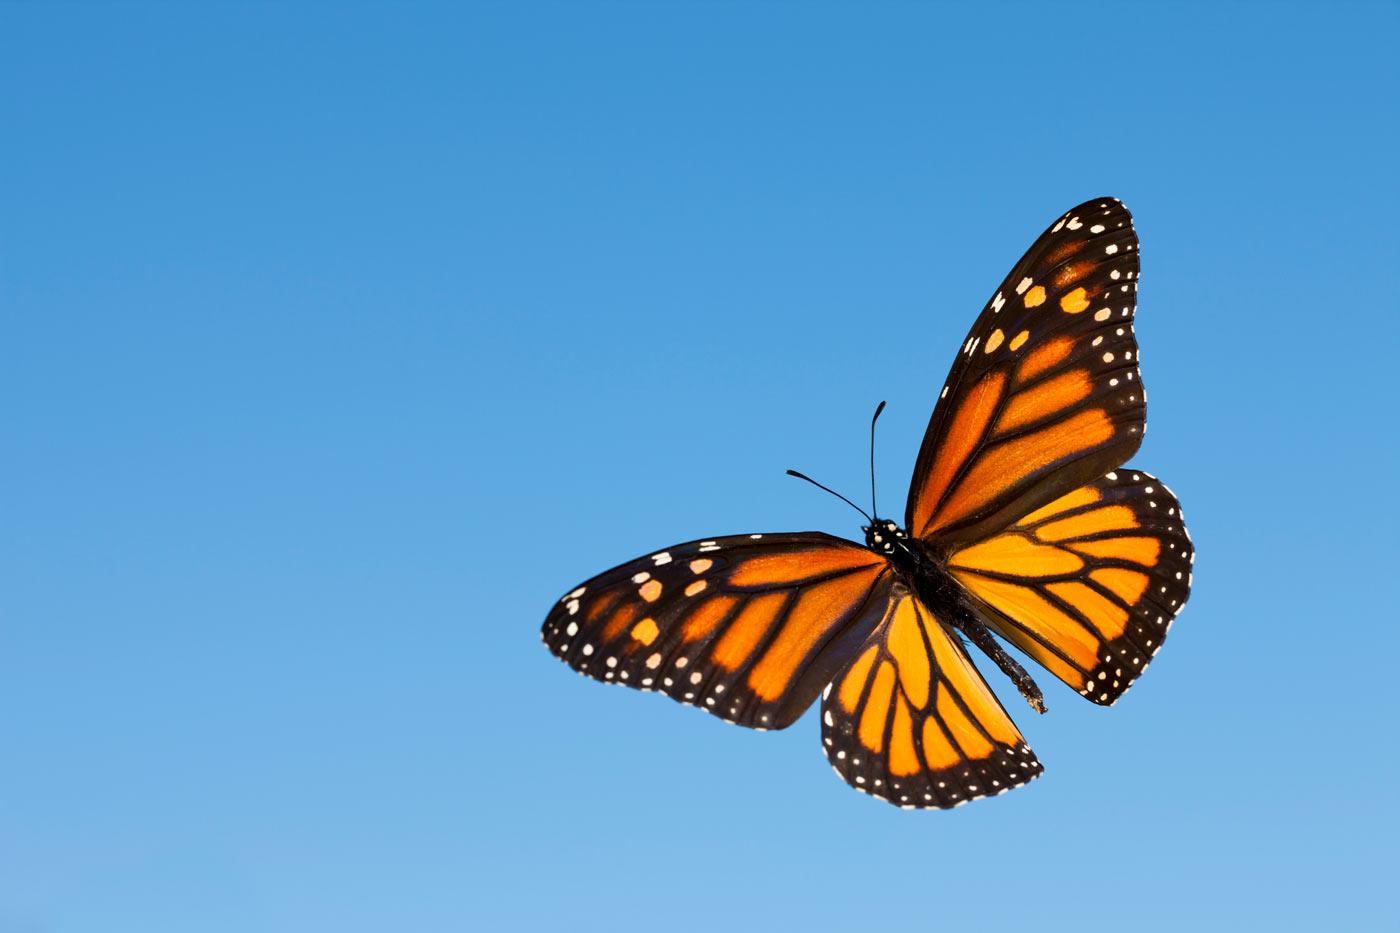 Πεταλούδα Μονάρχης: Ένα εντυπωσιακό μυστήριο